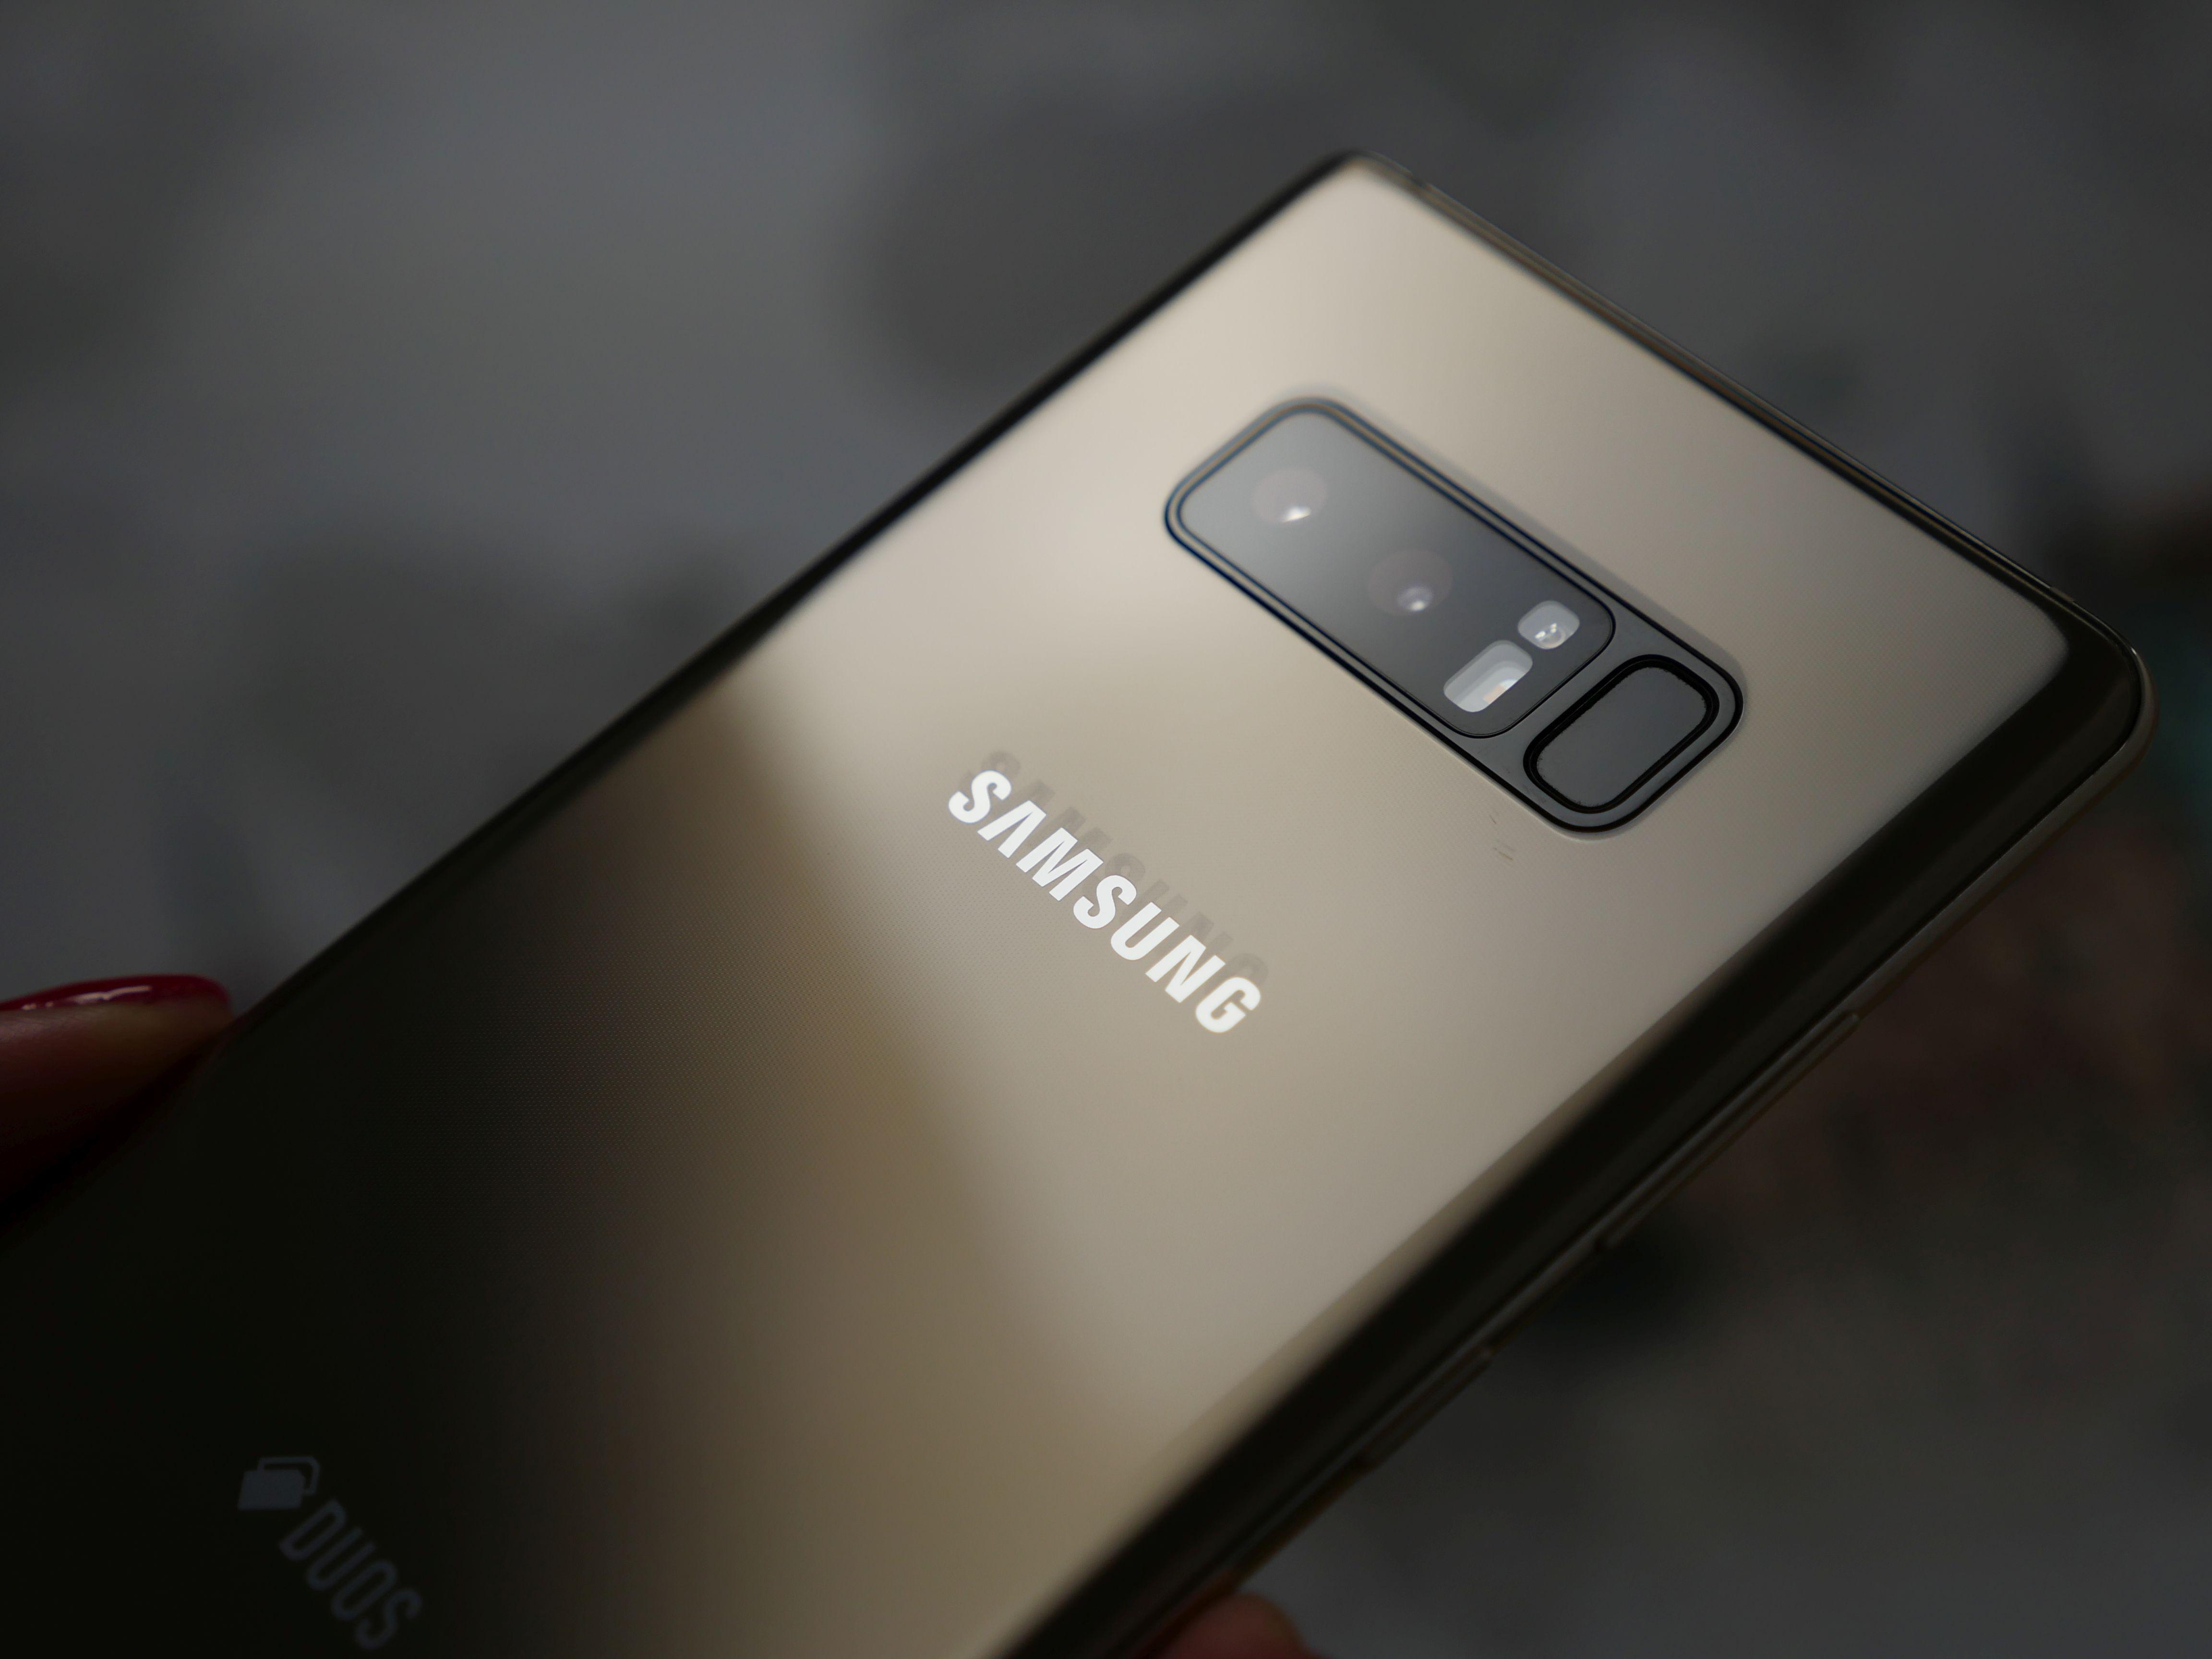 Pierwsi posiadacze Samsunga Galaxy Note 8 raportują otrzymanie Androida Pie